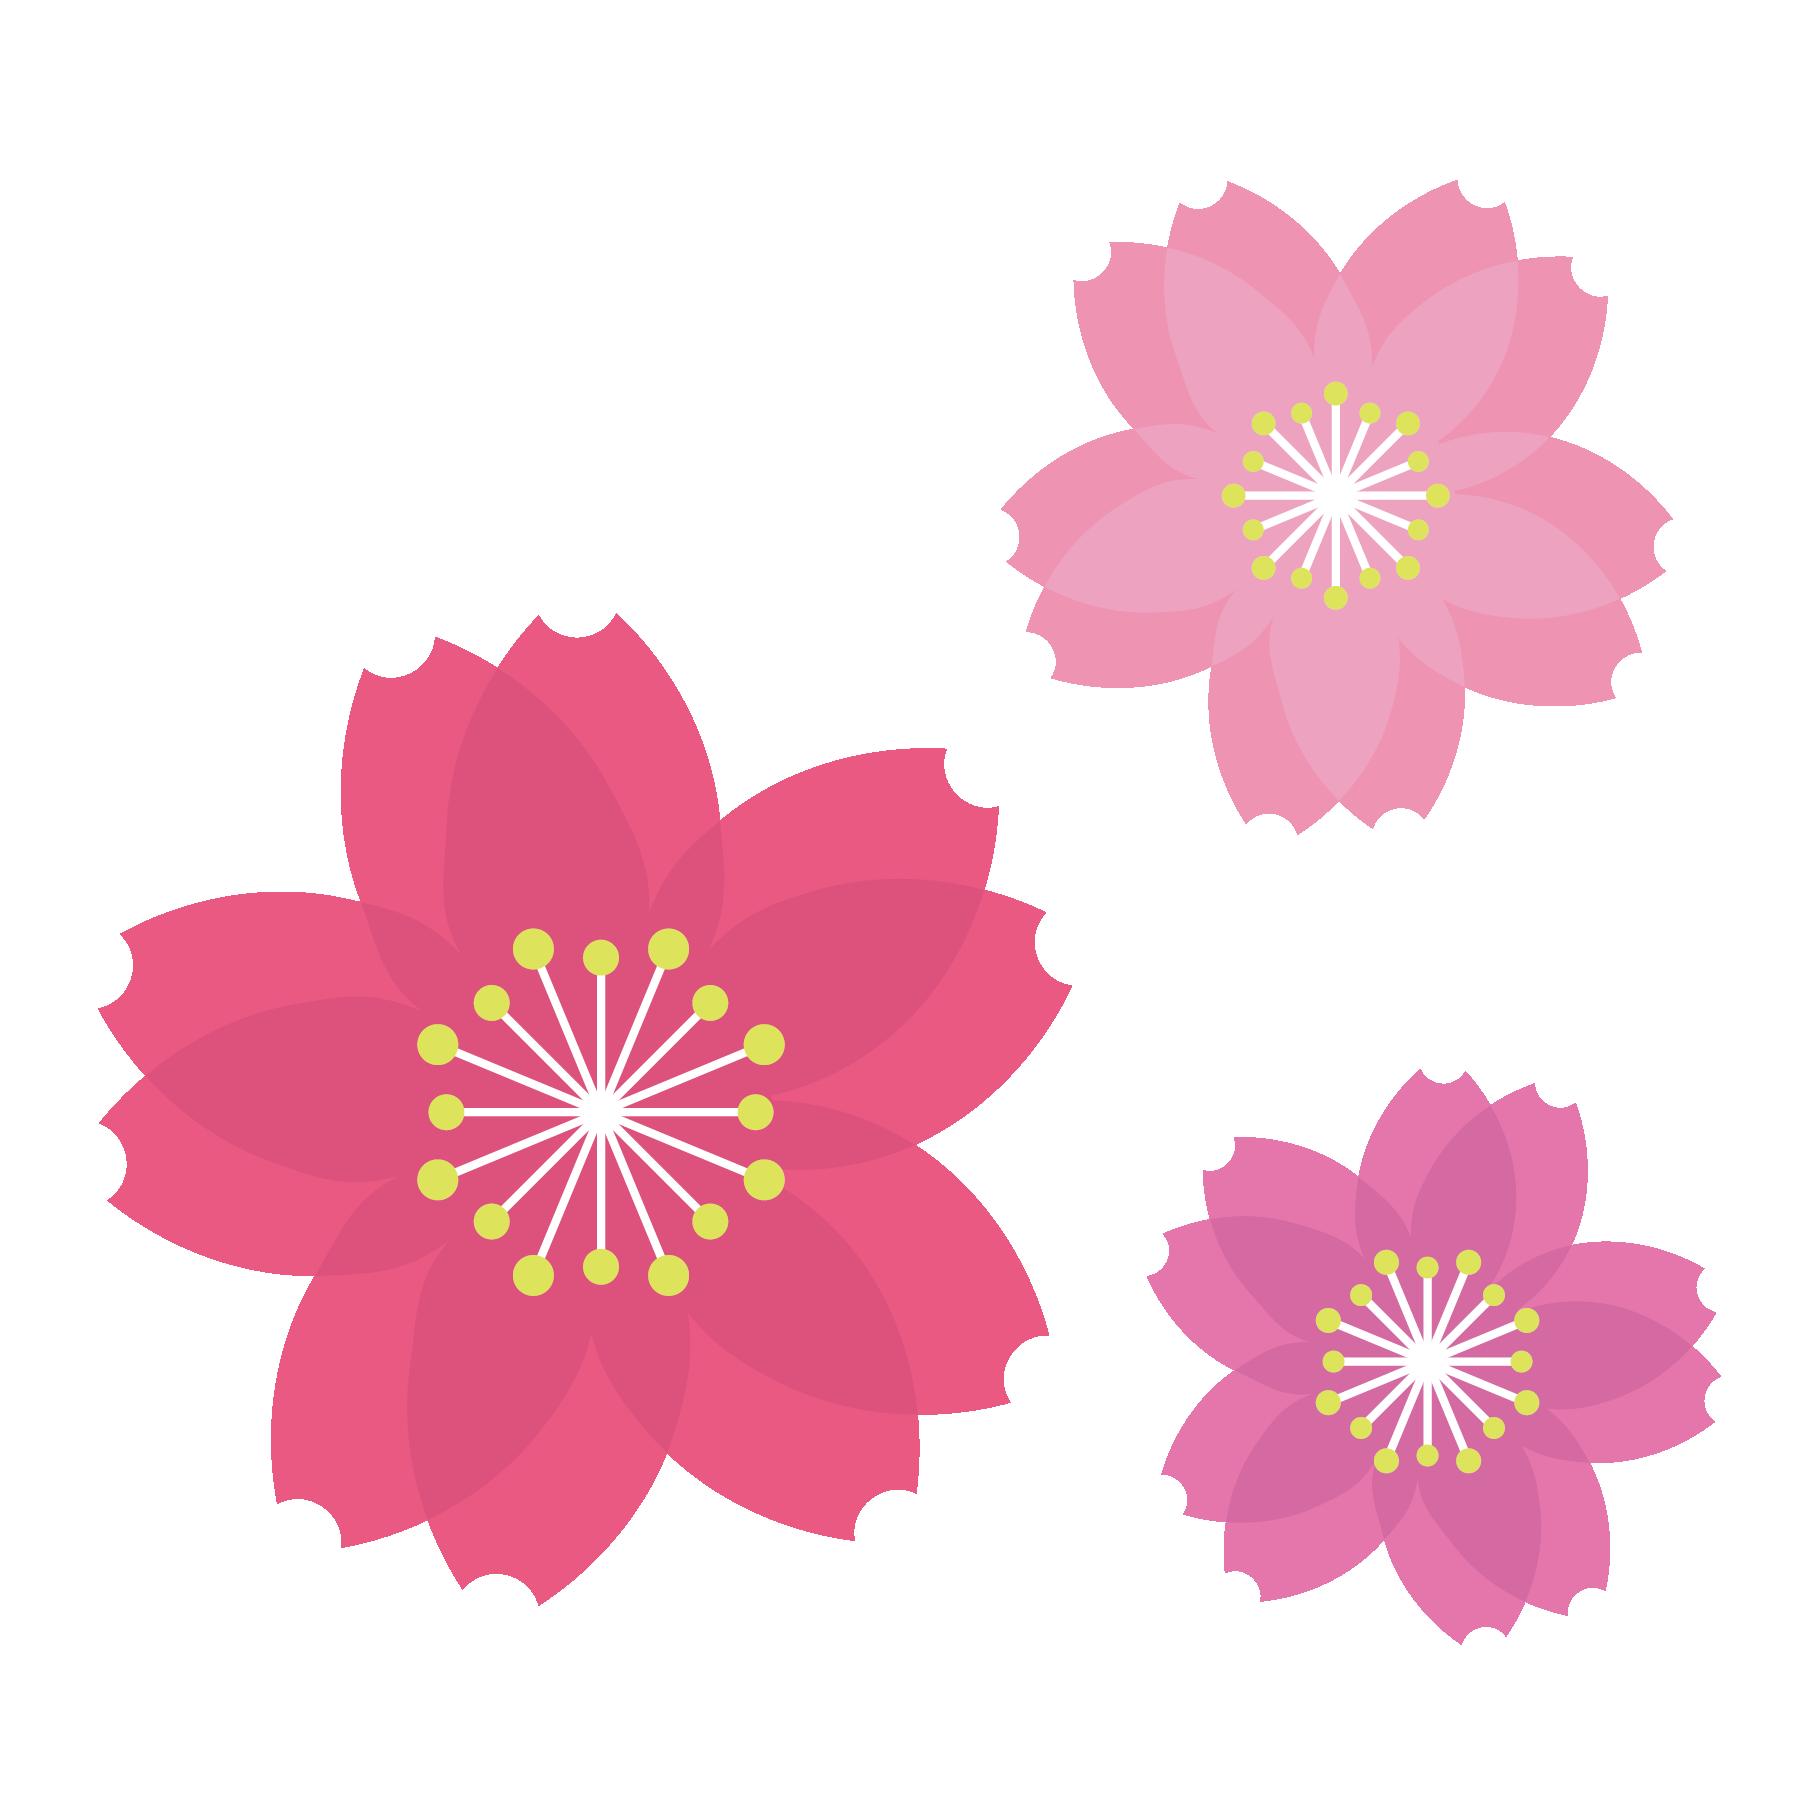 桜サクラさくらフリー の かわいい イラスト 商用フリー無料の